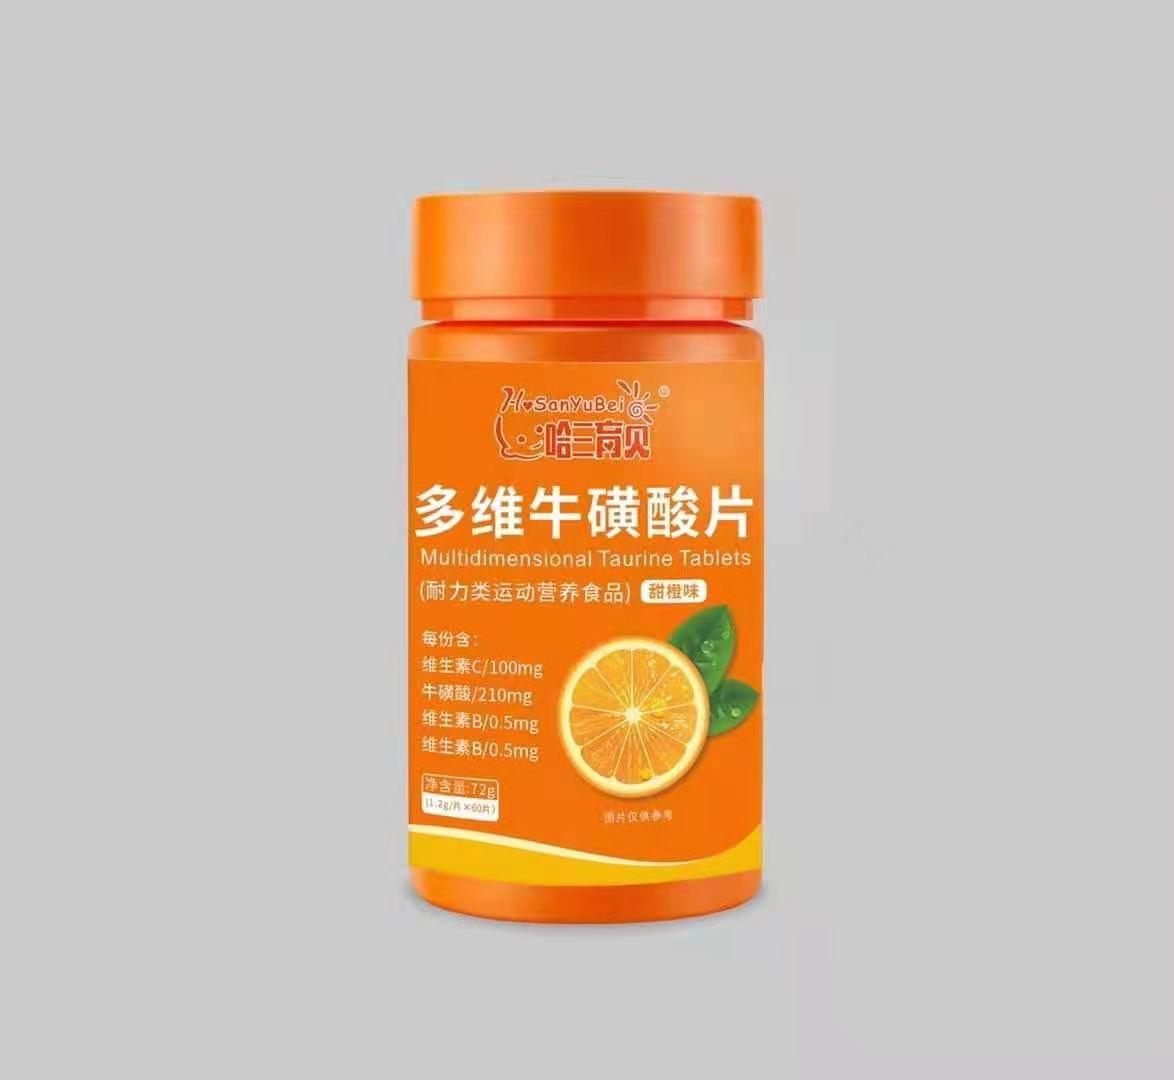 哈三育贝多维牛磺酸片(甜橙味)